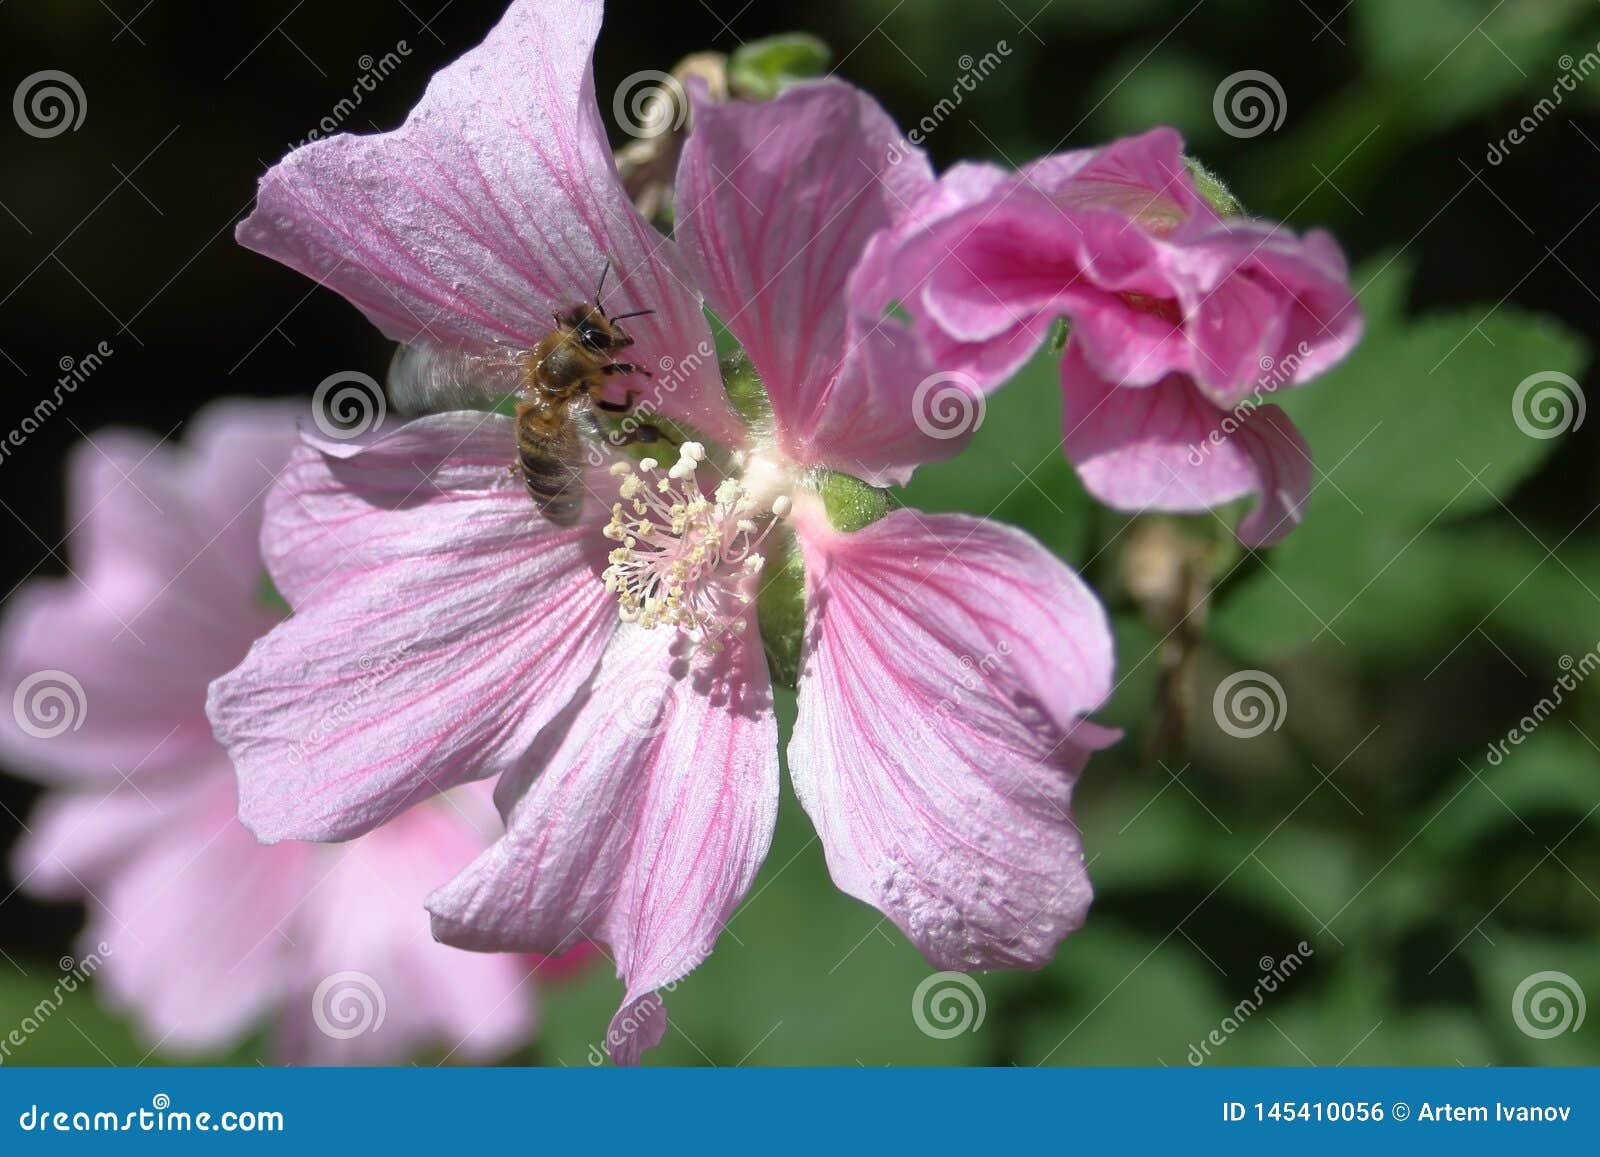 Η μέλισσα κάθεται σε ένα ρόδινο λουλούδι του Sidalcea